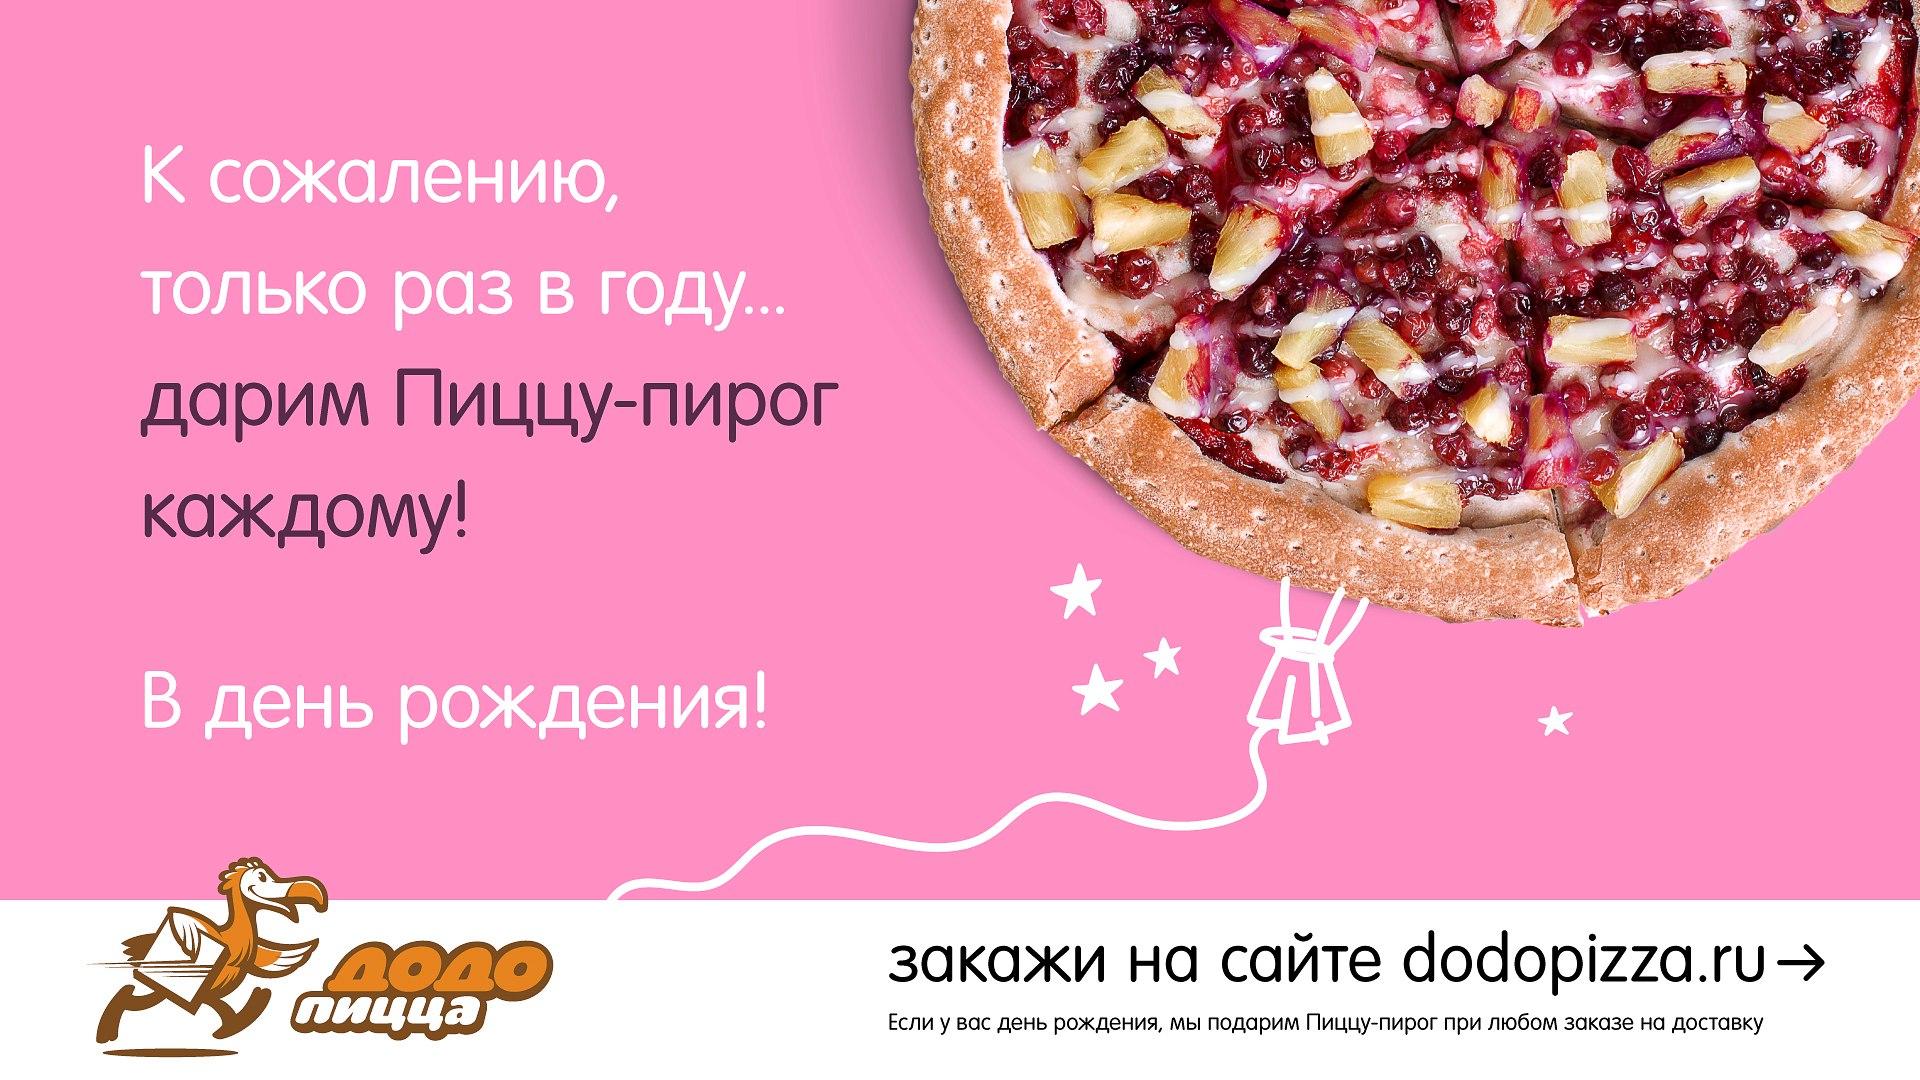 Открытки, додо пицца открытка на день рождения